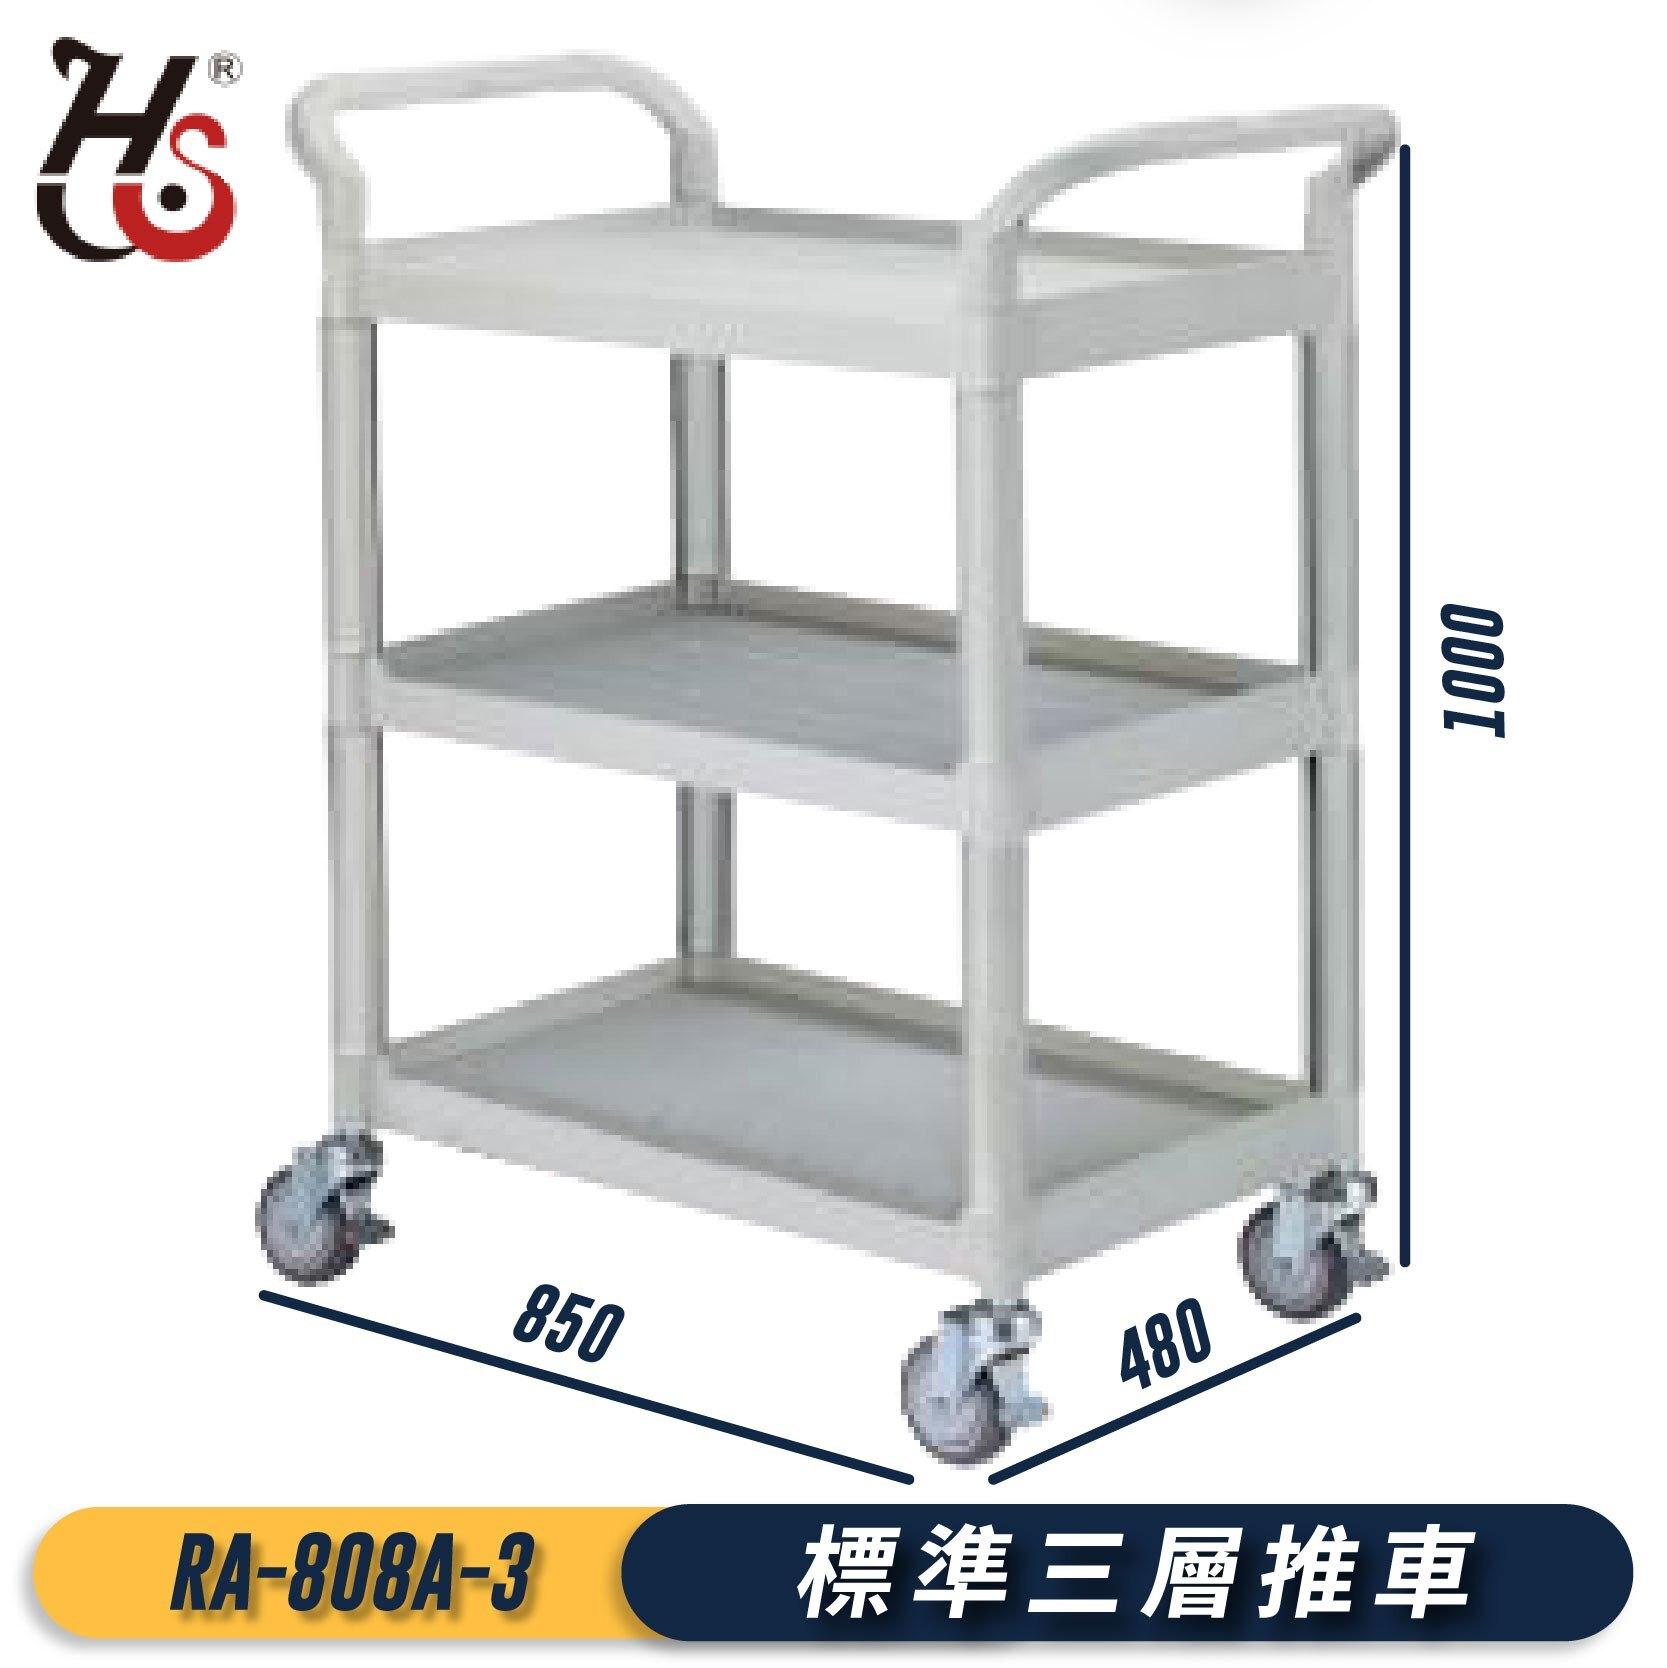 【工作幫手】華塑 標準三層推車(灰白) RA-808A-3 手推車 工作推車 工作車 清潔車 房務車 置物架